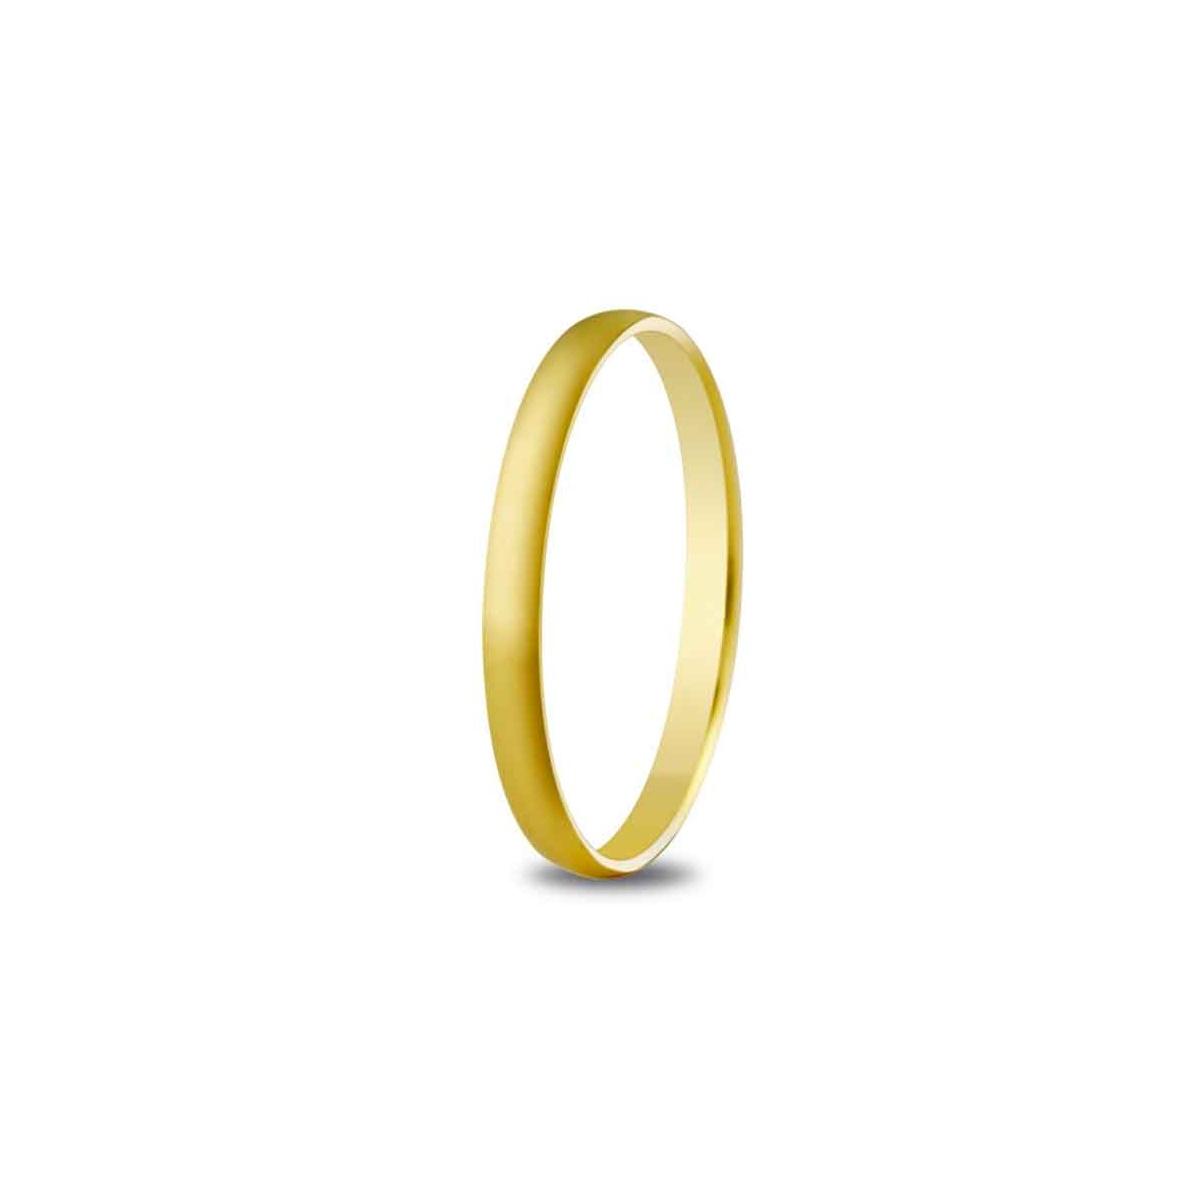 Alianza de boda 2mm de ancho en oro amarillo de 18 quilates